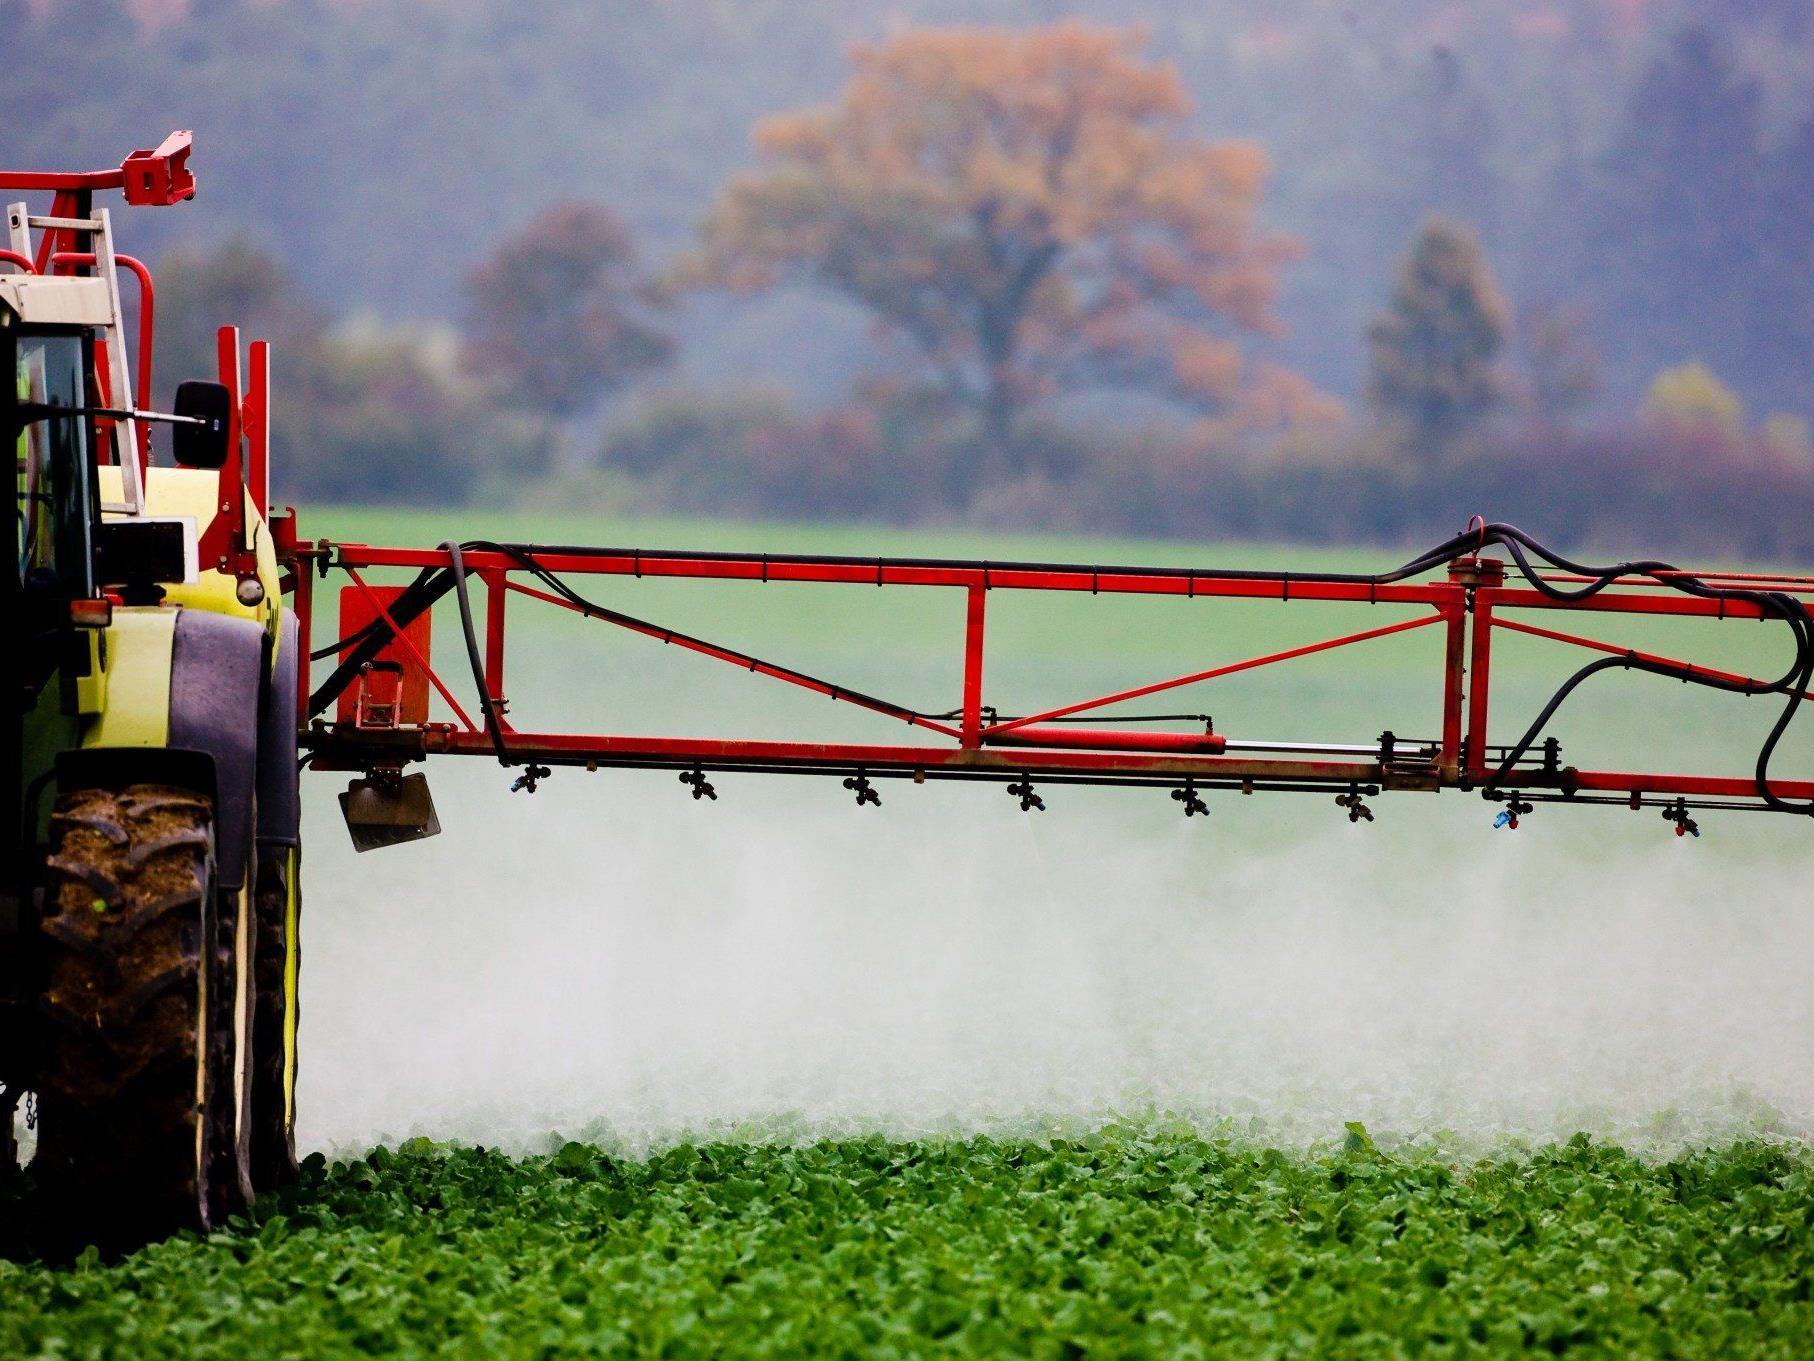 Forscher sehen ernste Gefahr für die Landwirtschaft - Beweise gegen Insektizide mit Fipronil